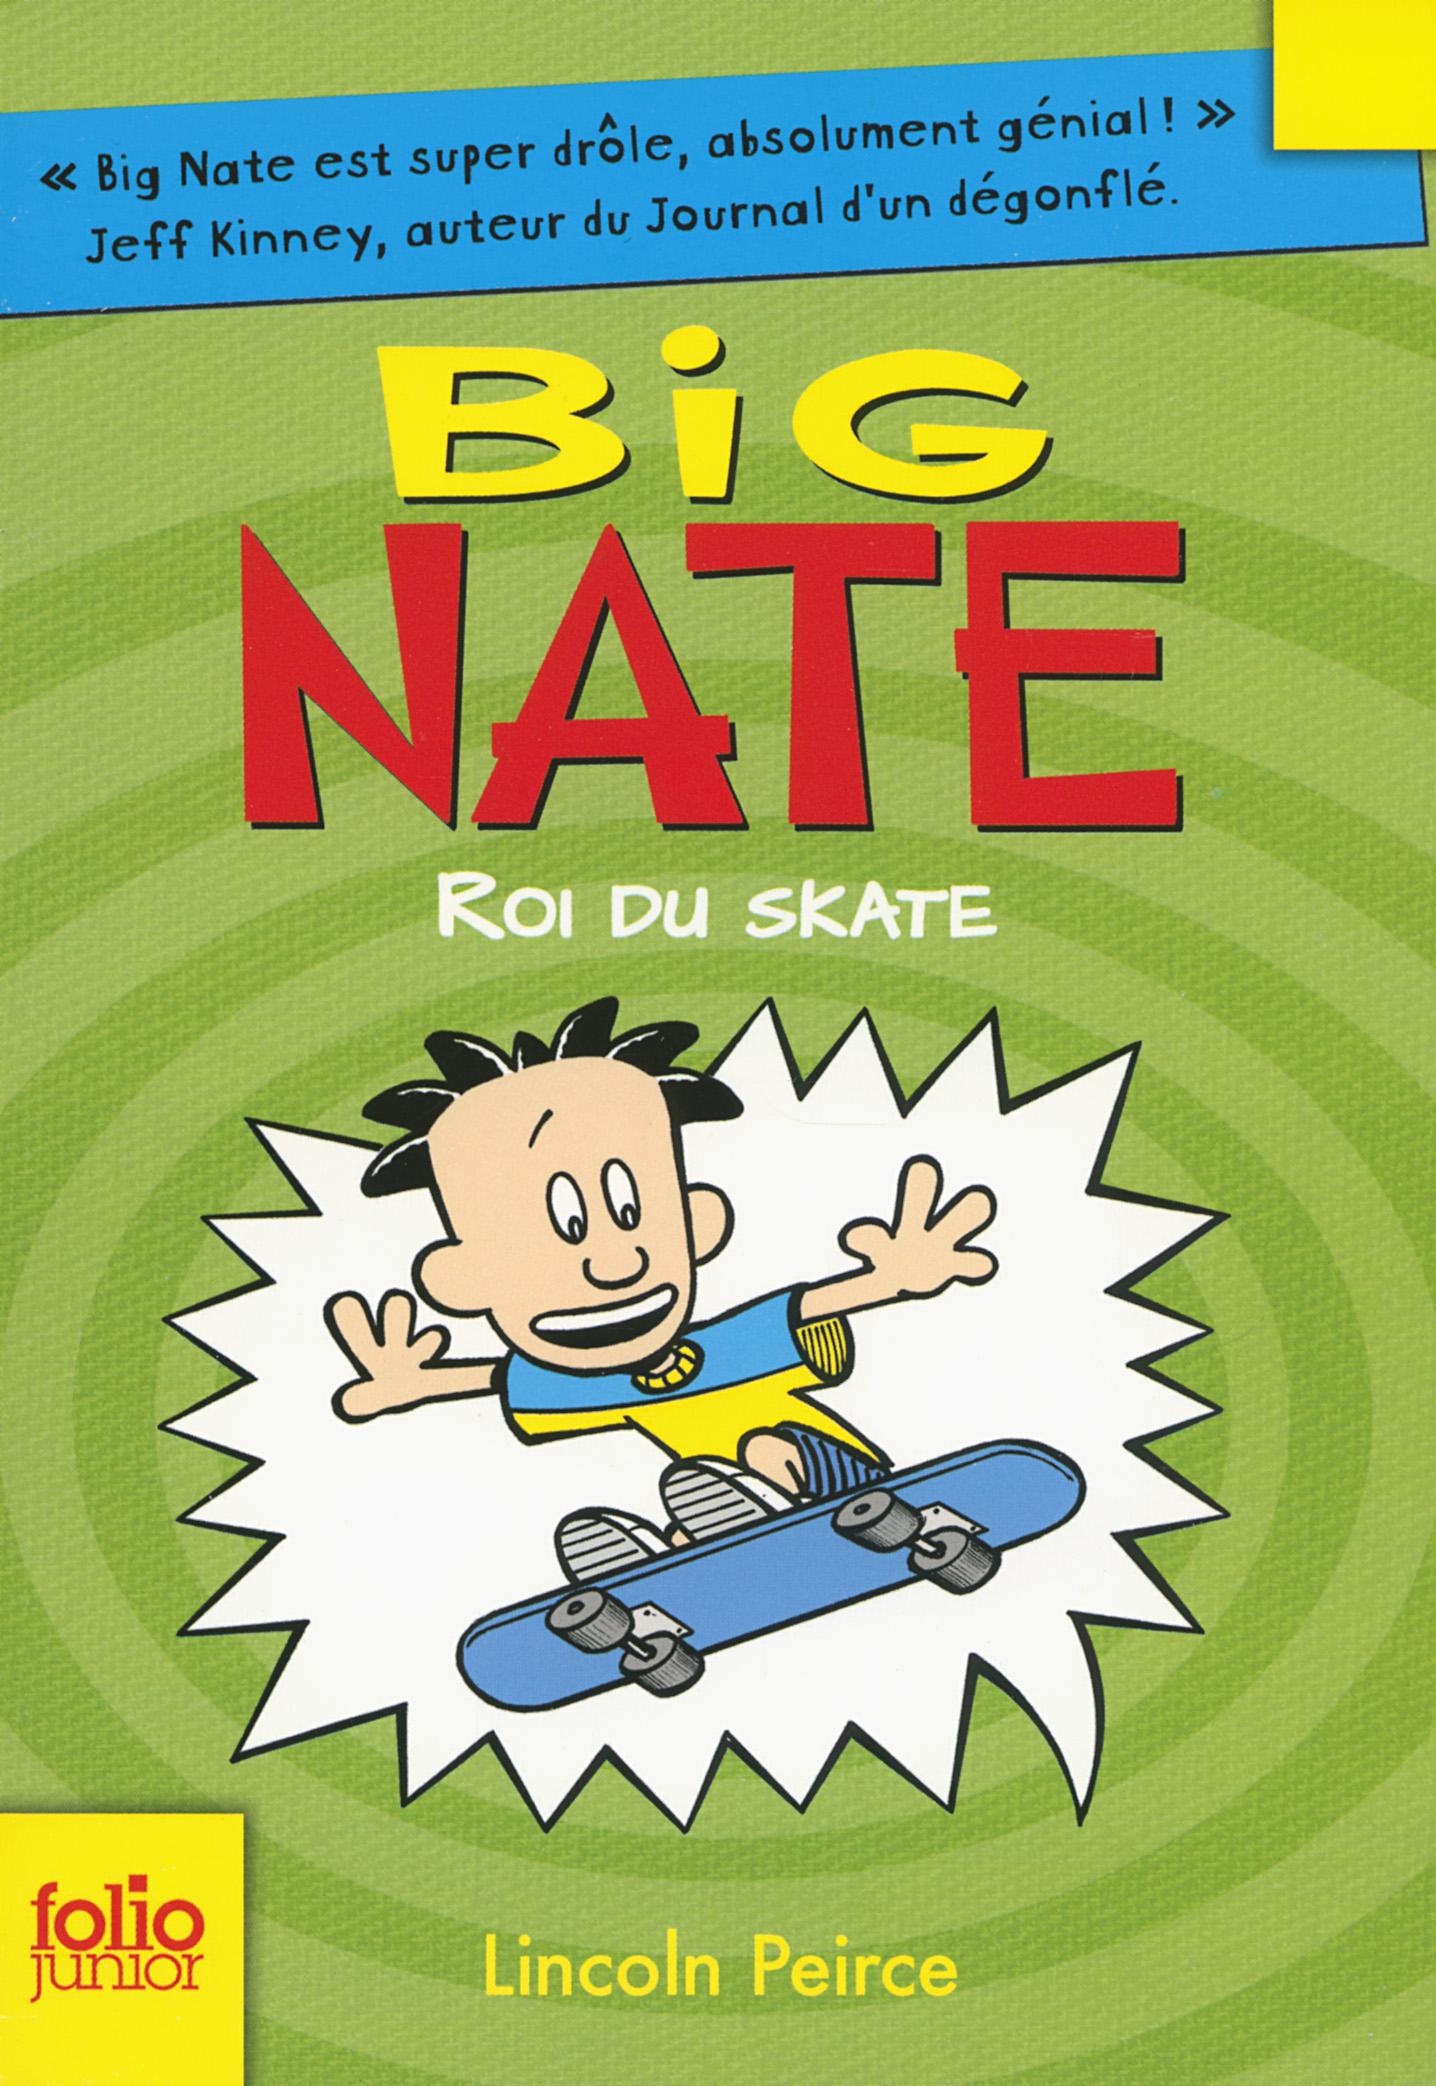 Big Nate (Tome 3) - Roi du skate